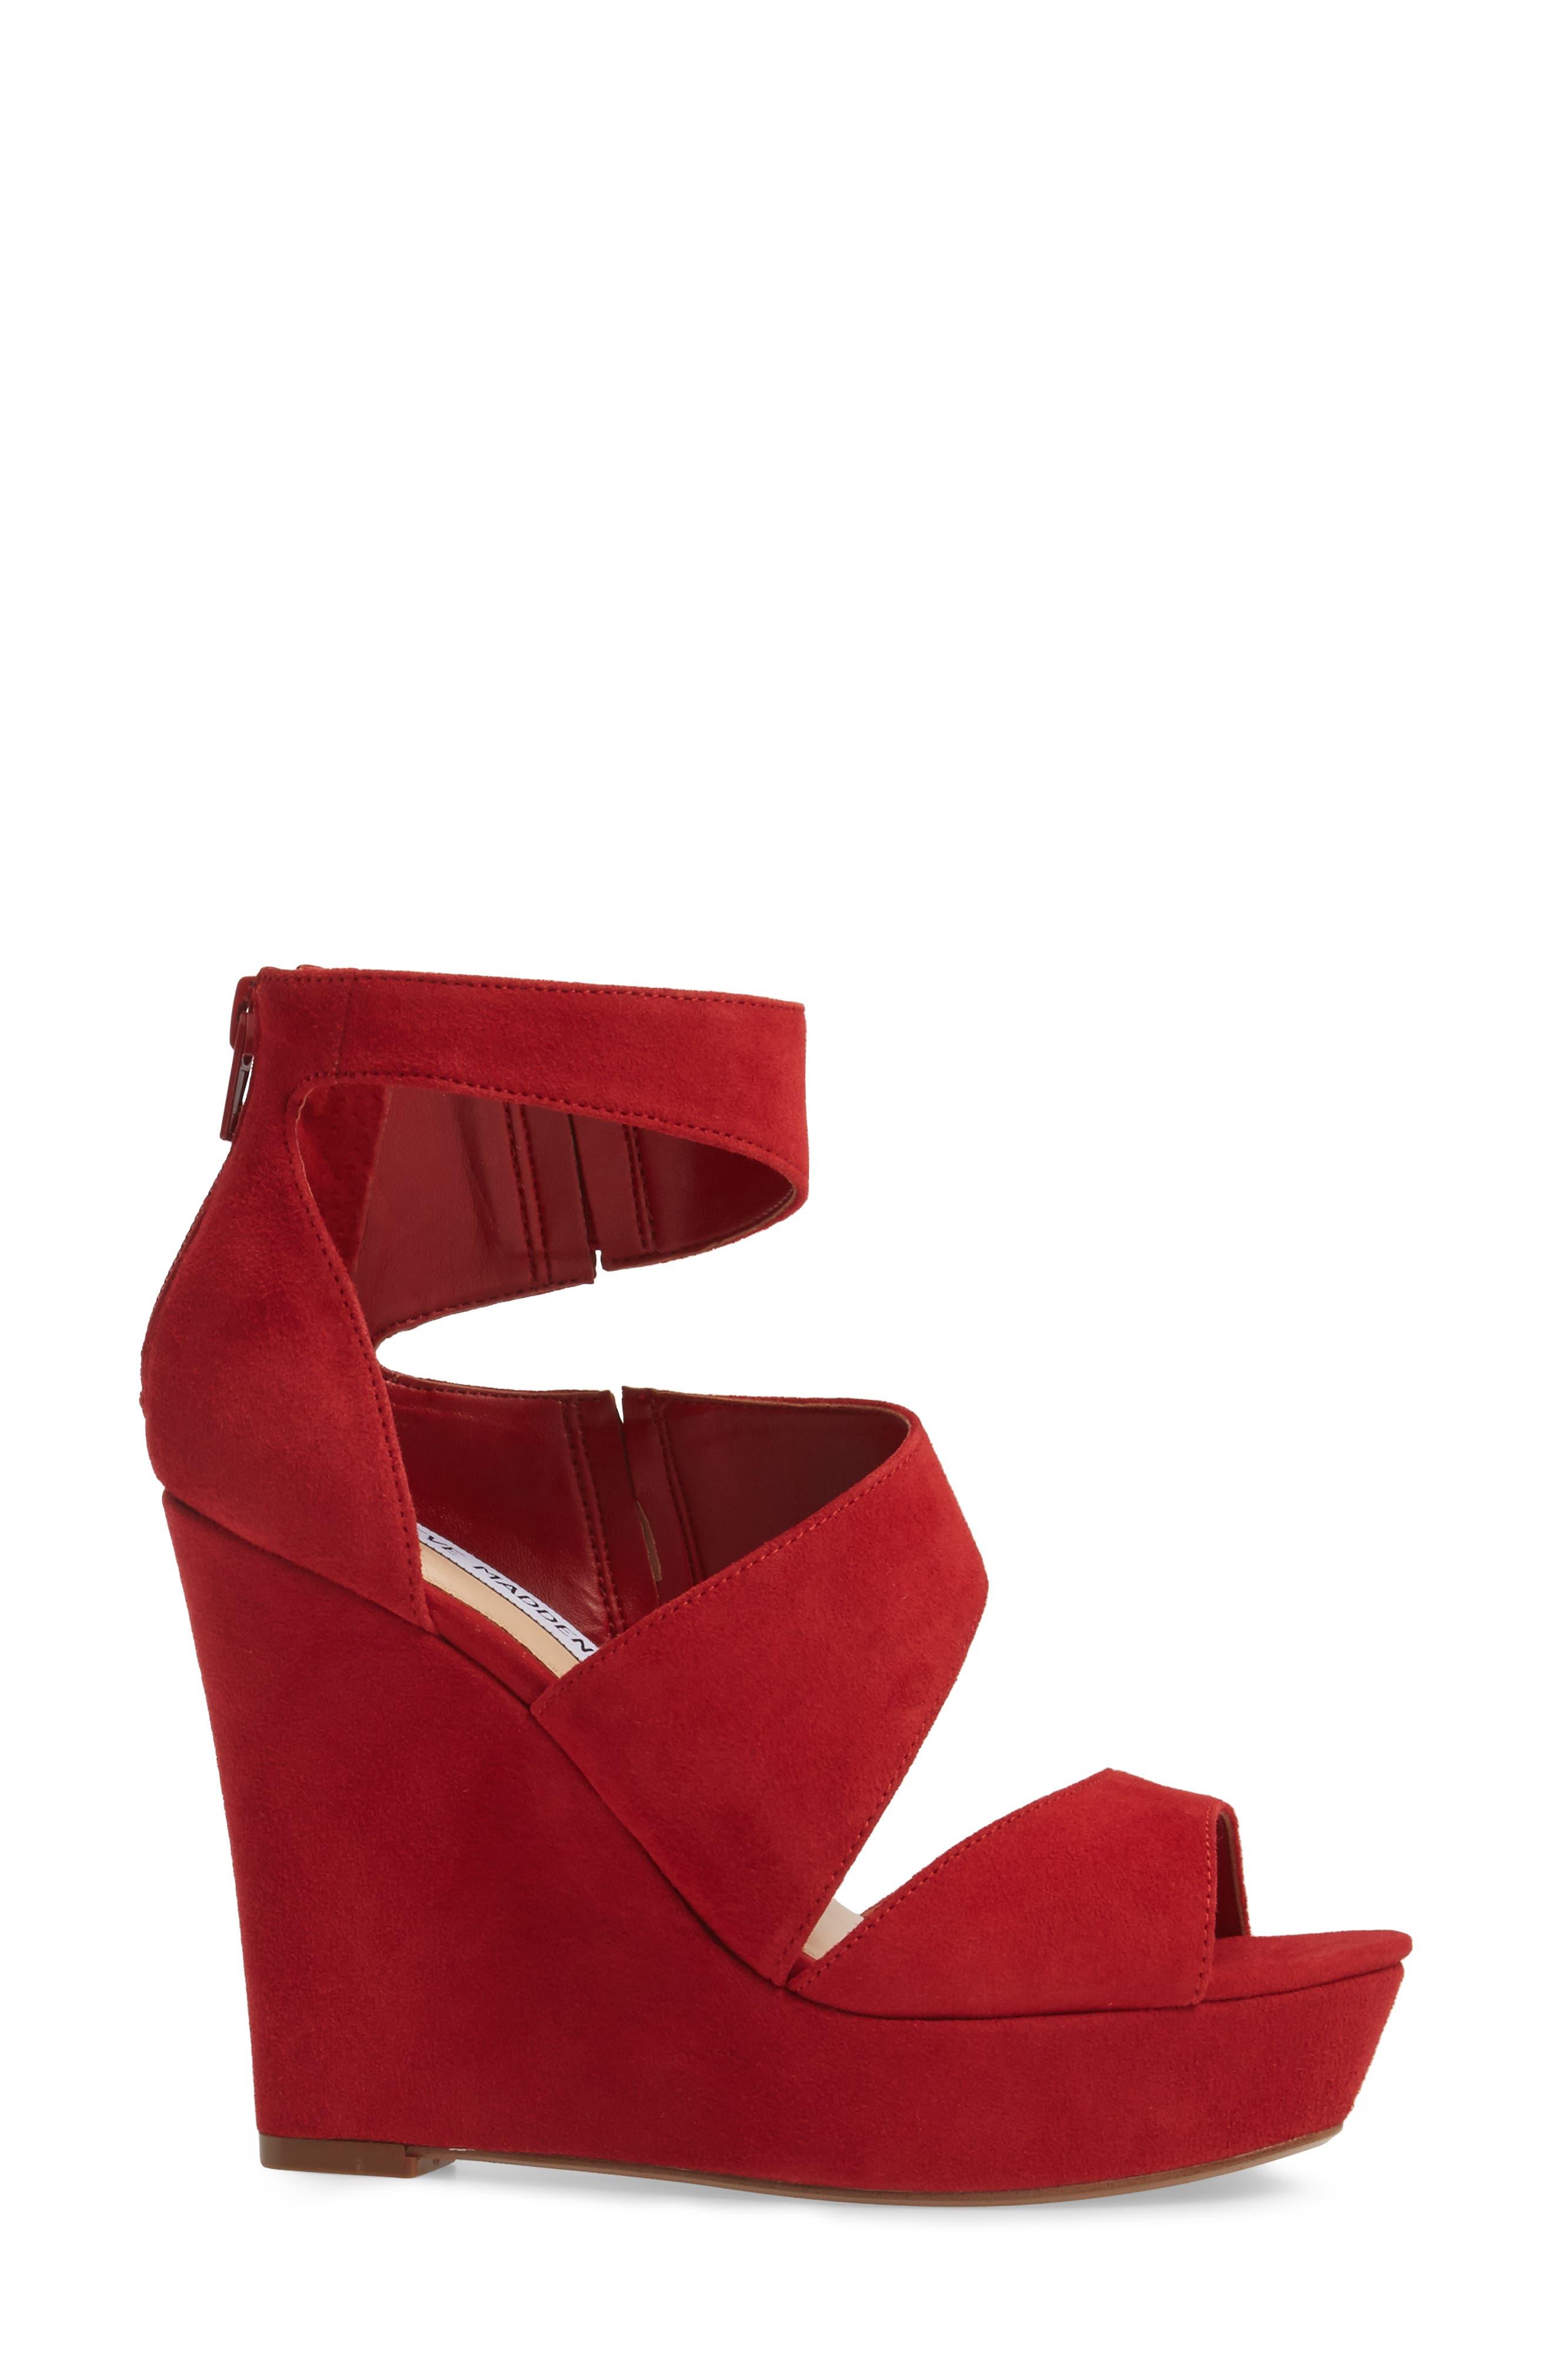 Alternate Image 3  - Steve Madden Essey Asymmetrical Platform Wedge Sandal (Women)